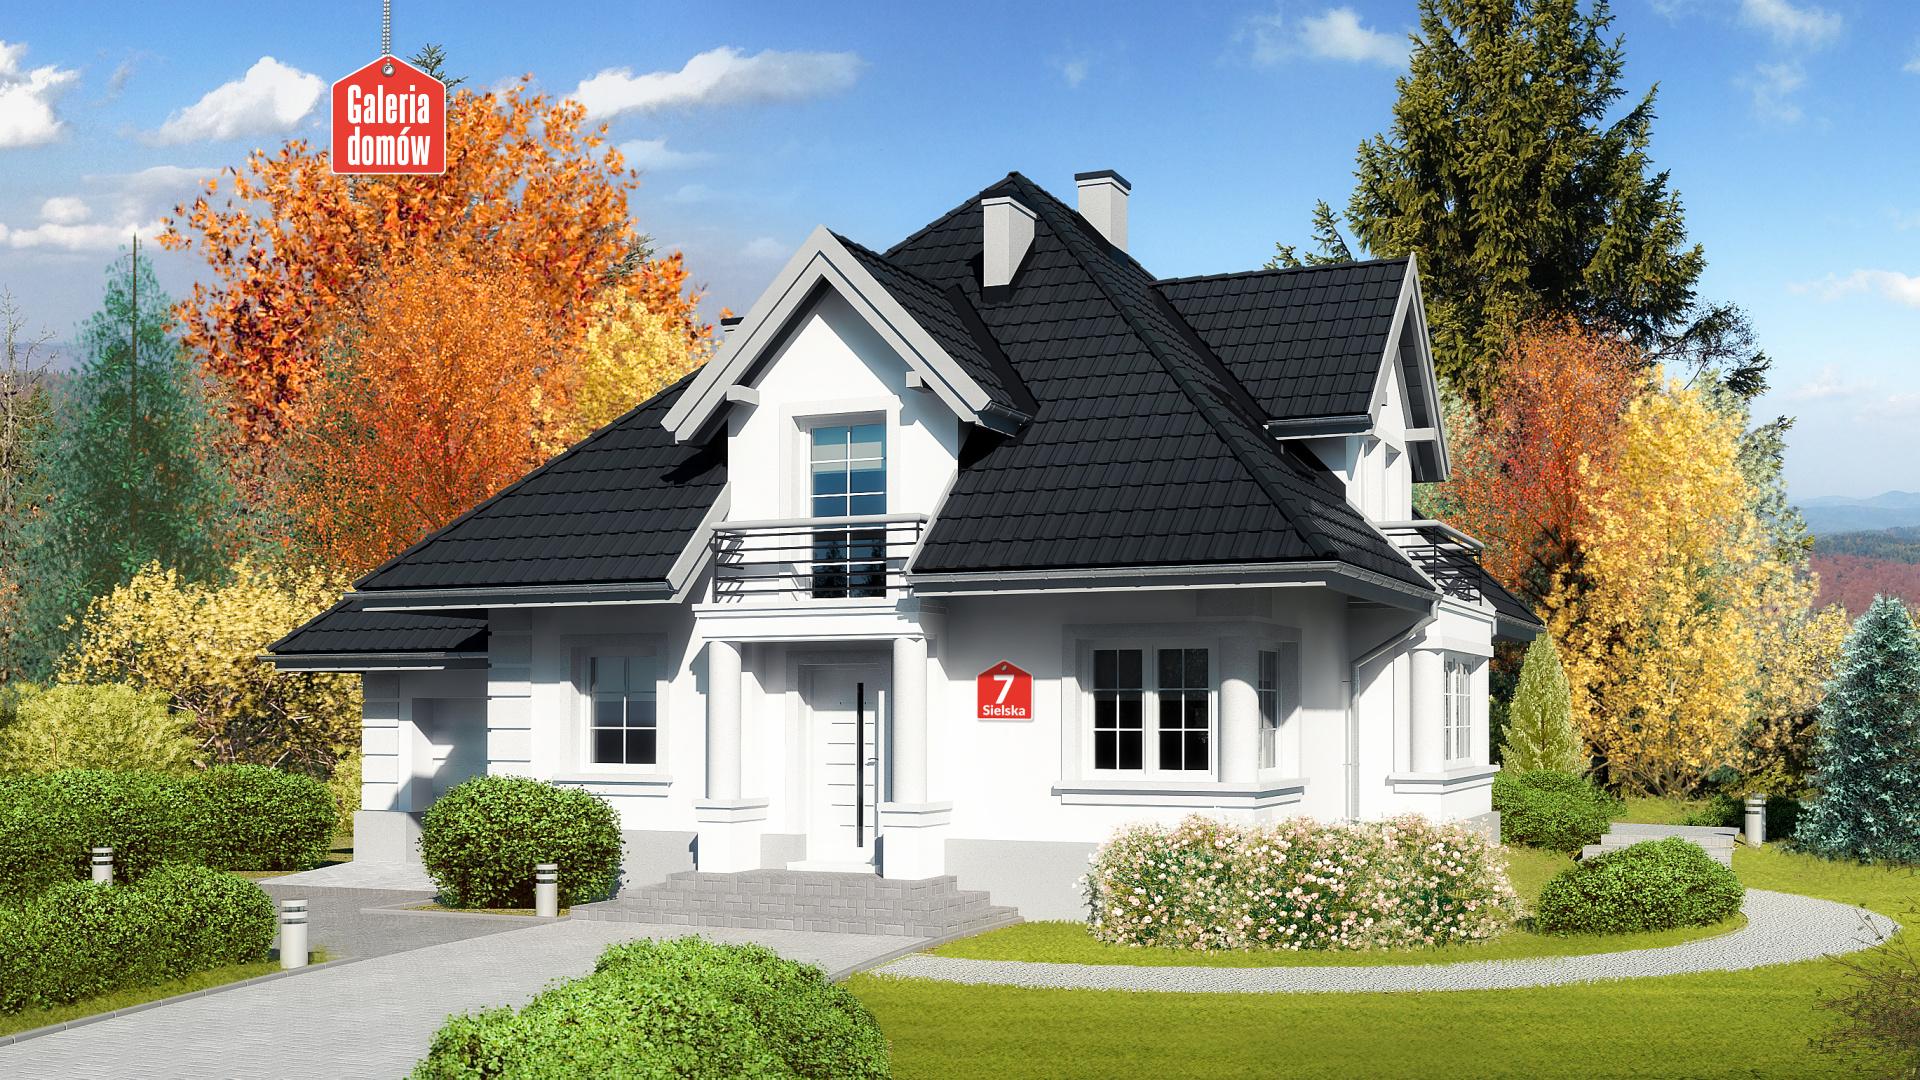 Dom przy Sielskiej 7 - zdjęcie projektu i wizualizacja